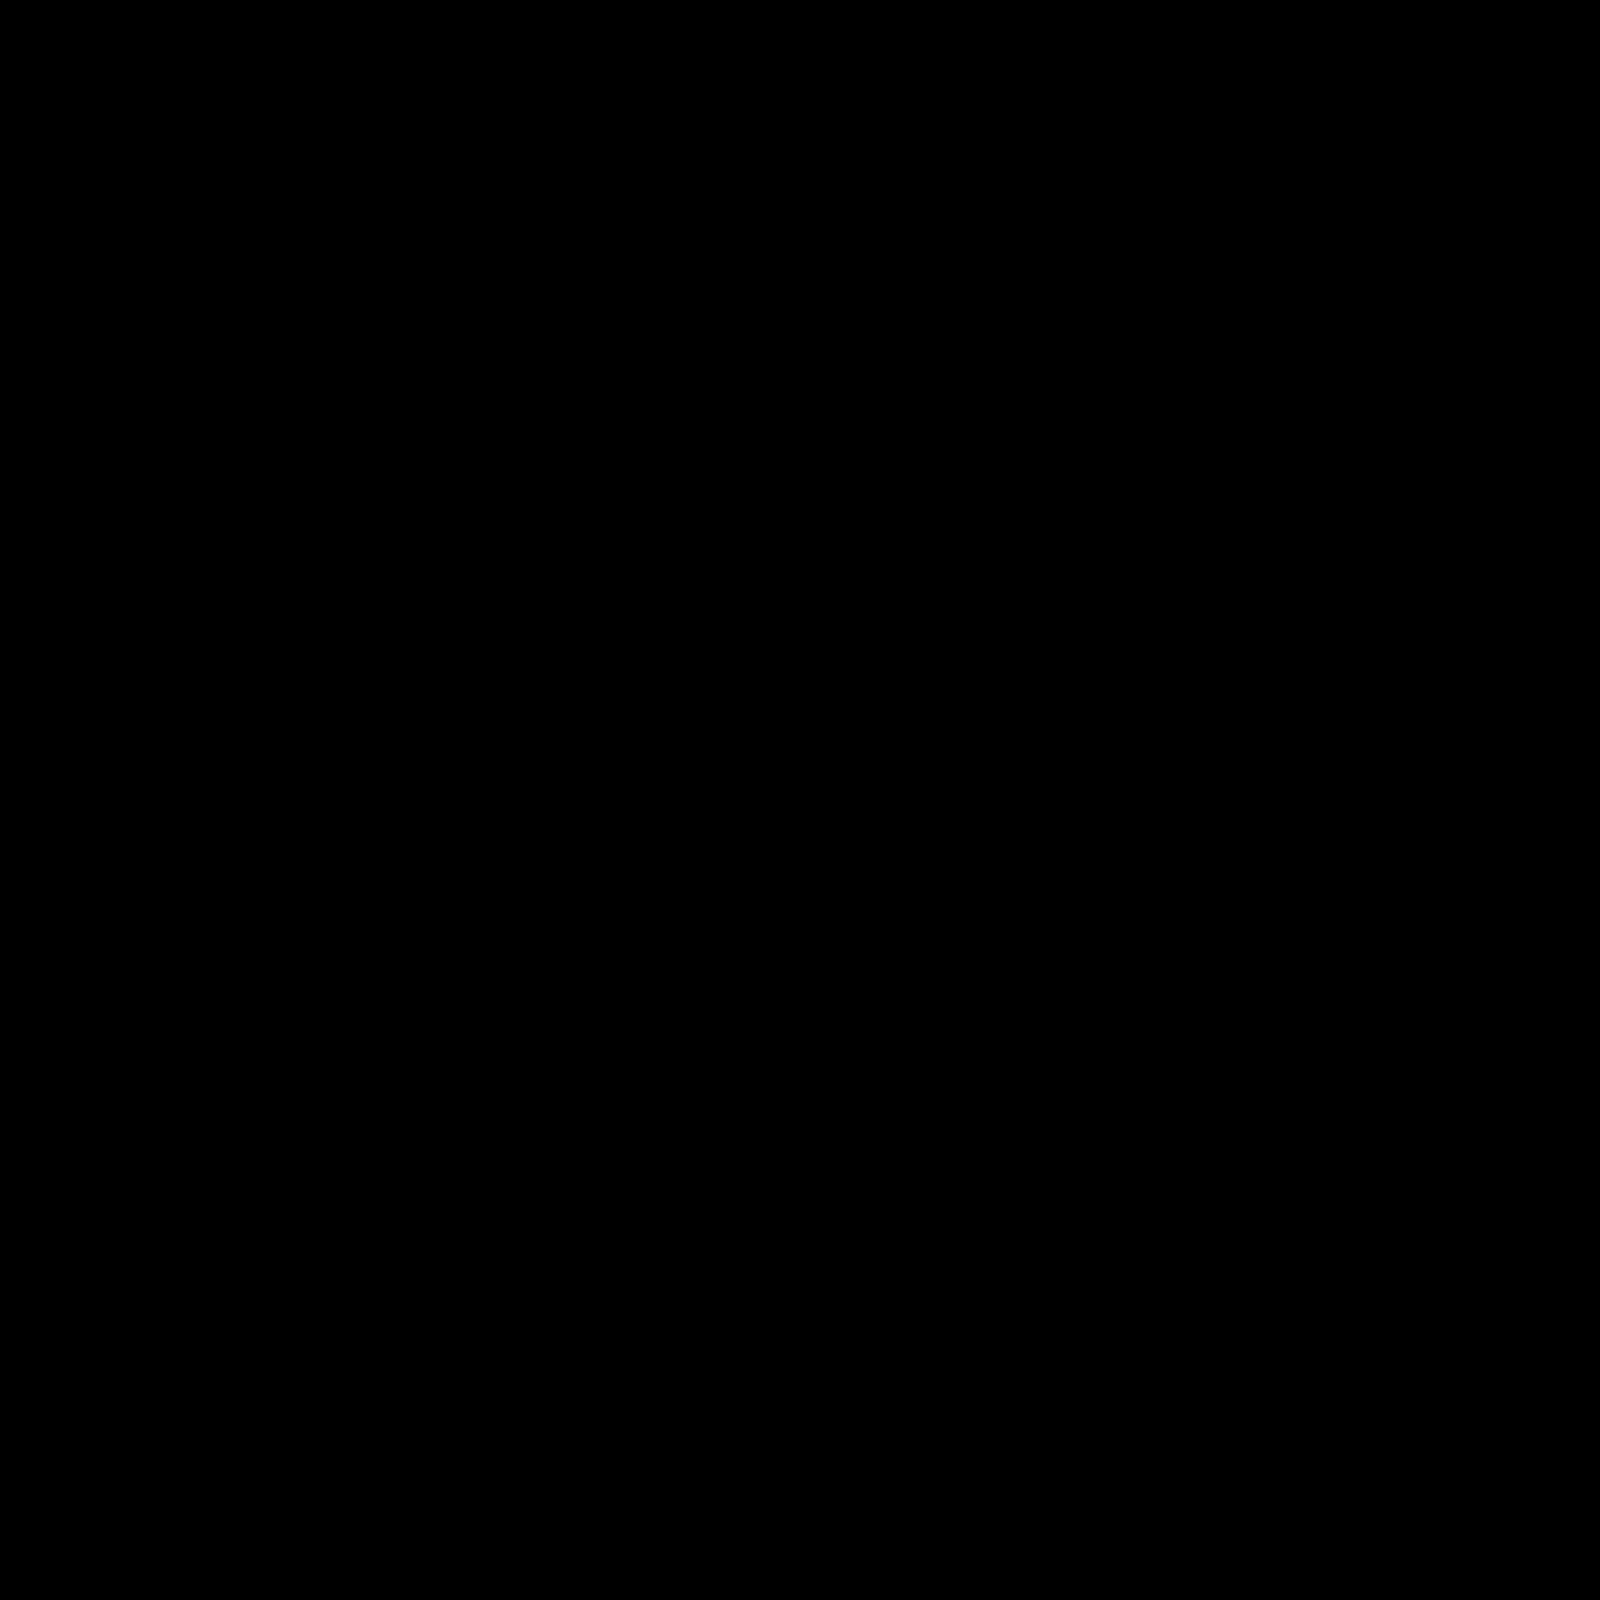 M∆RIE MOПTEXIER